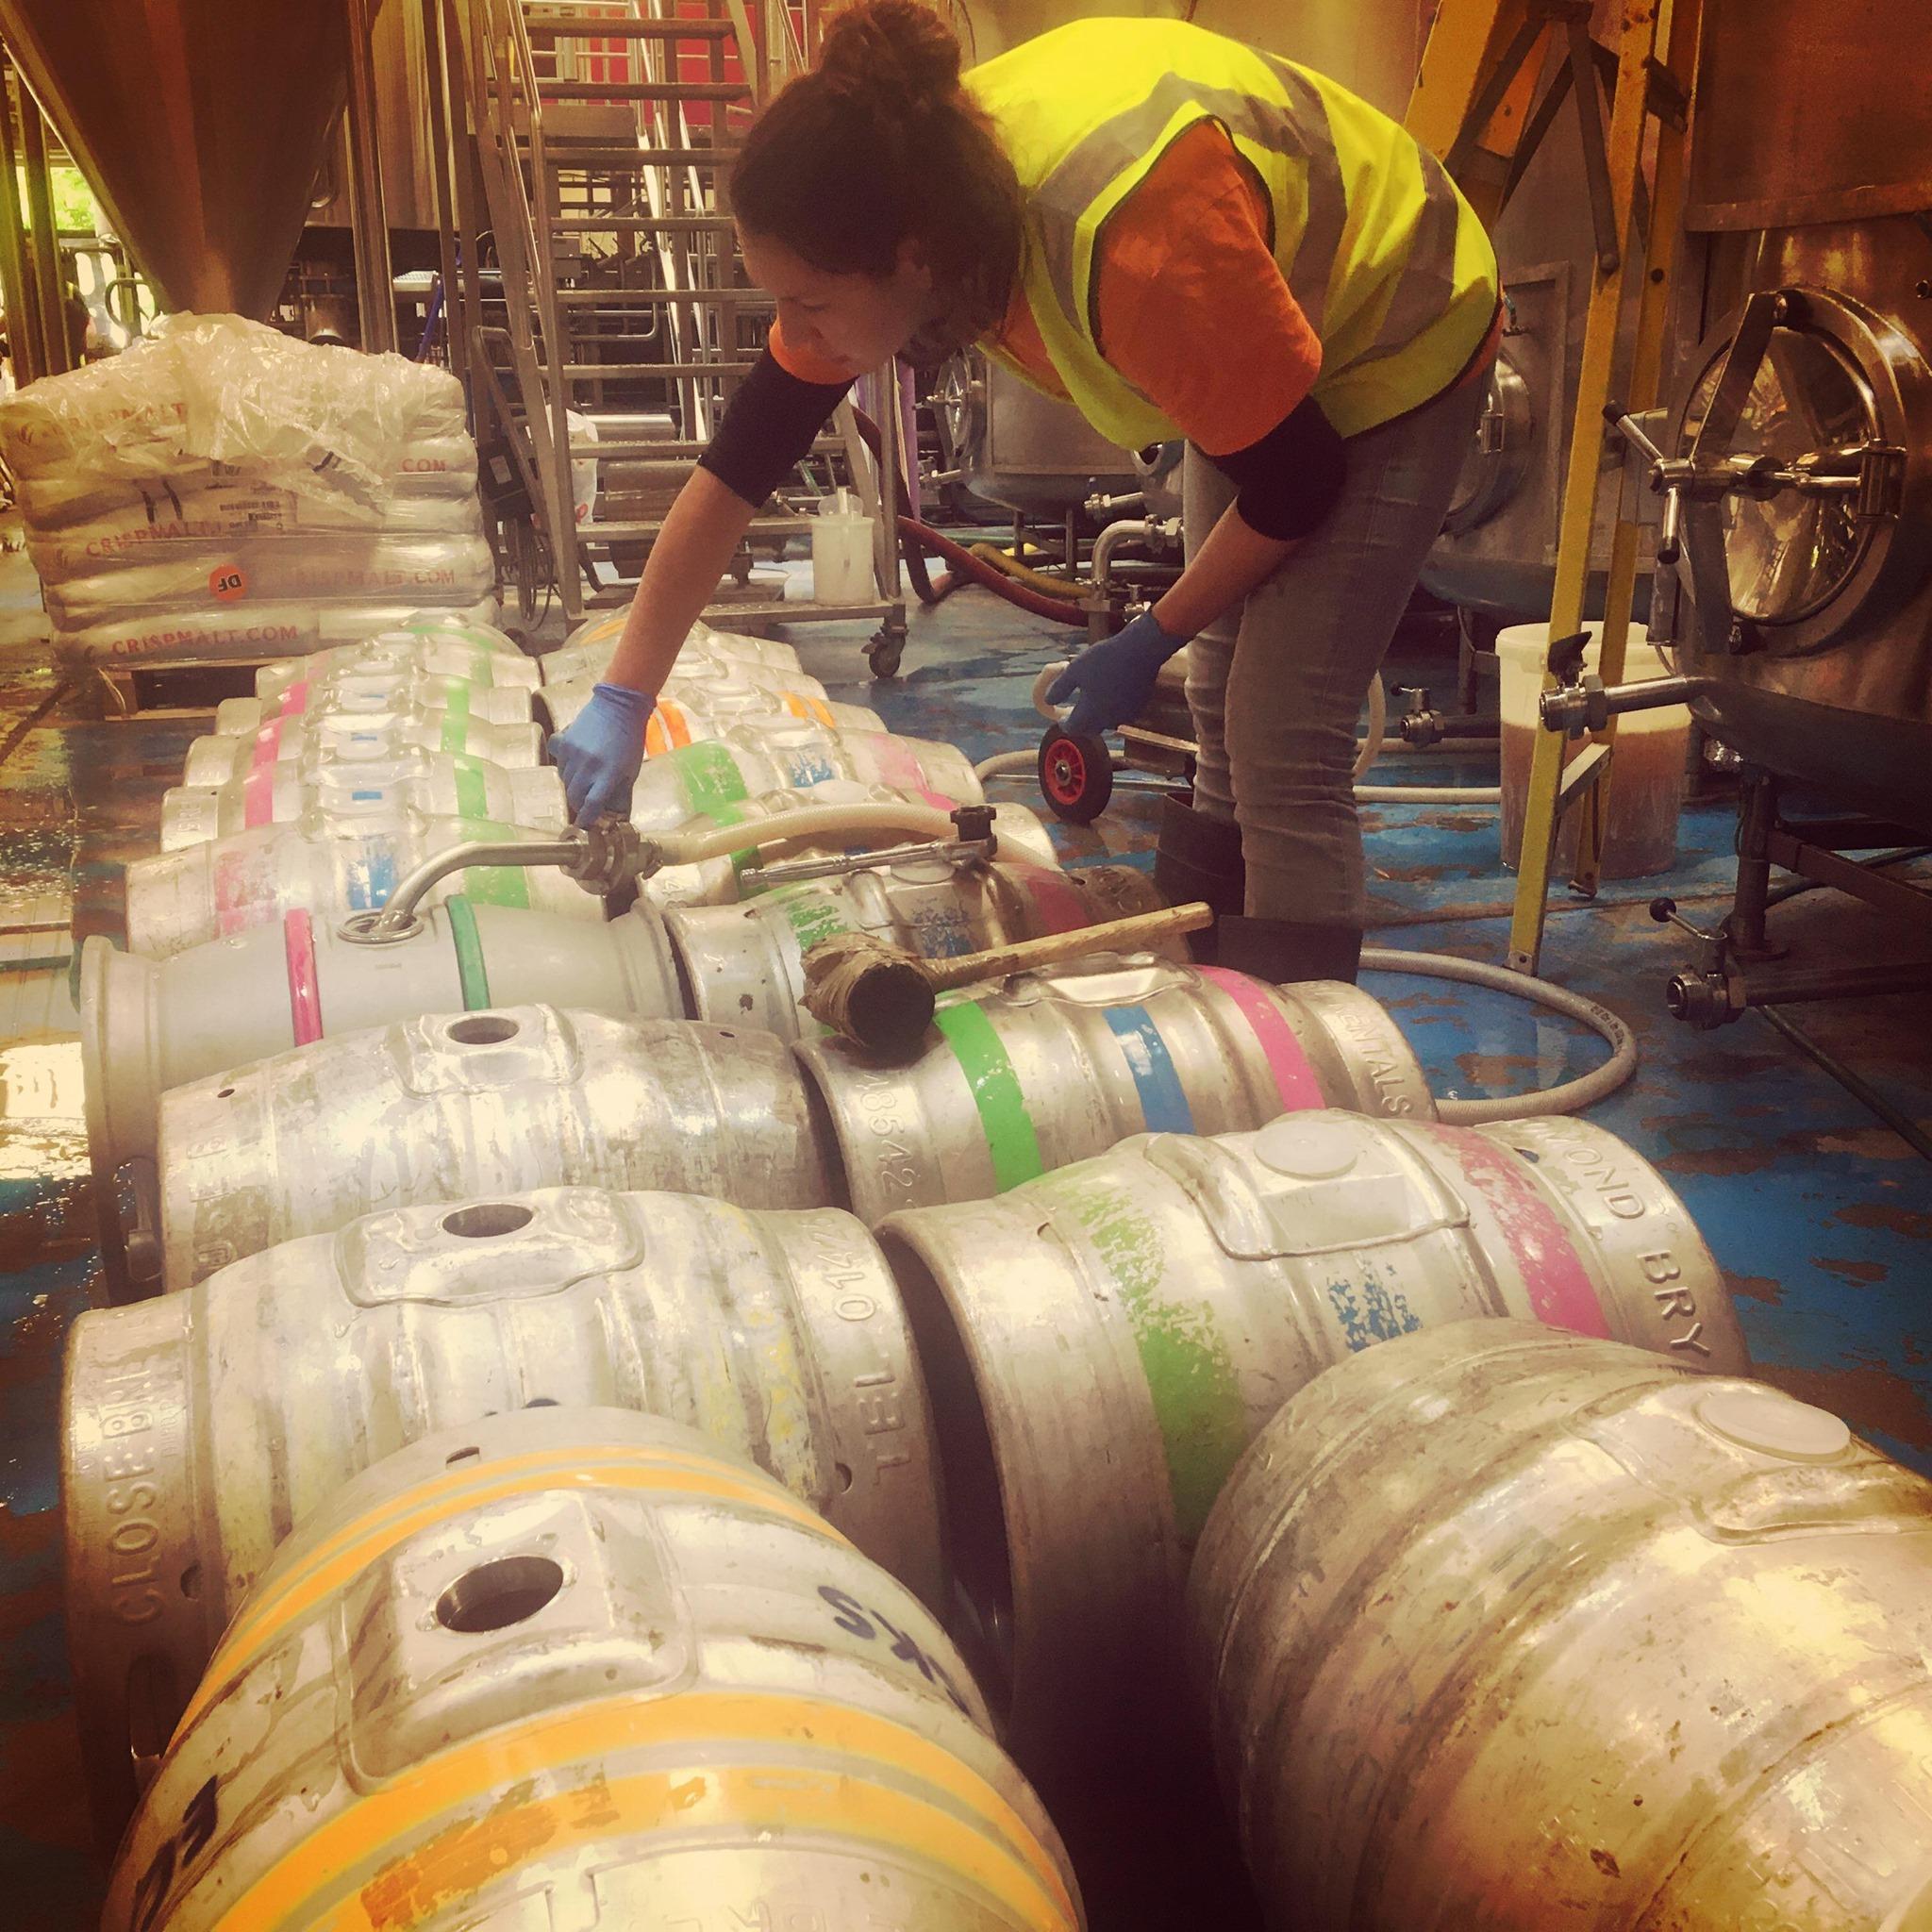 Loch Lomond Brewery